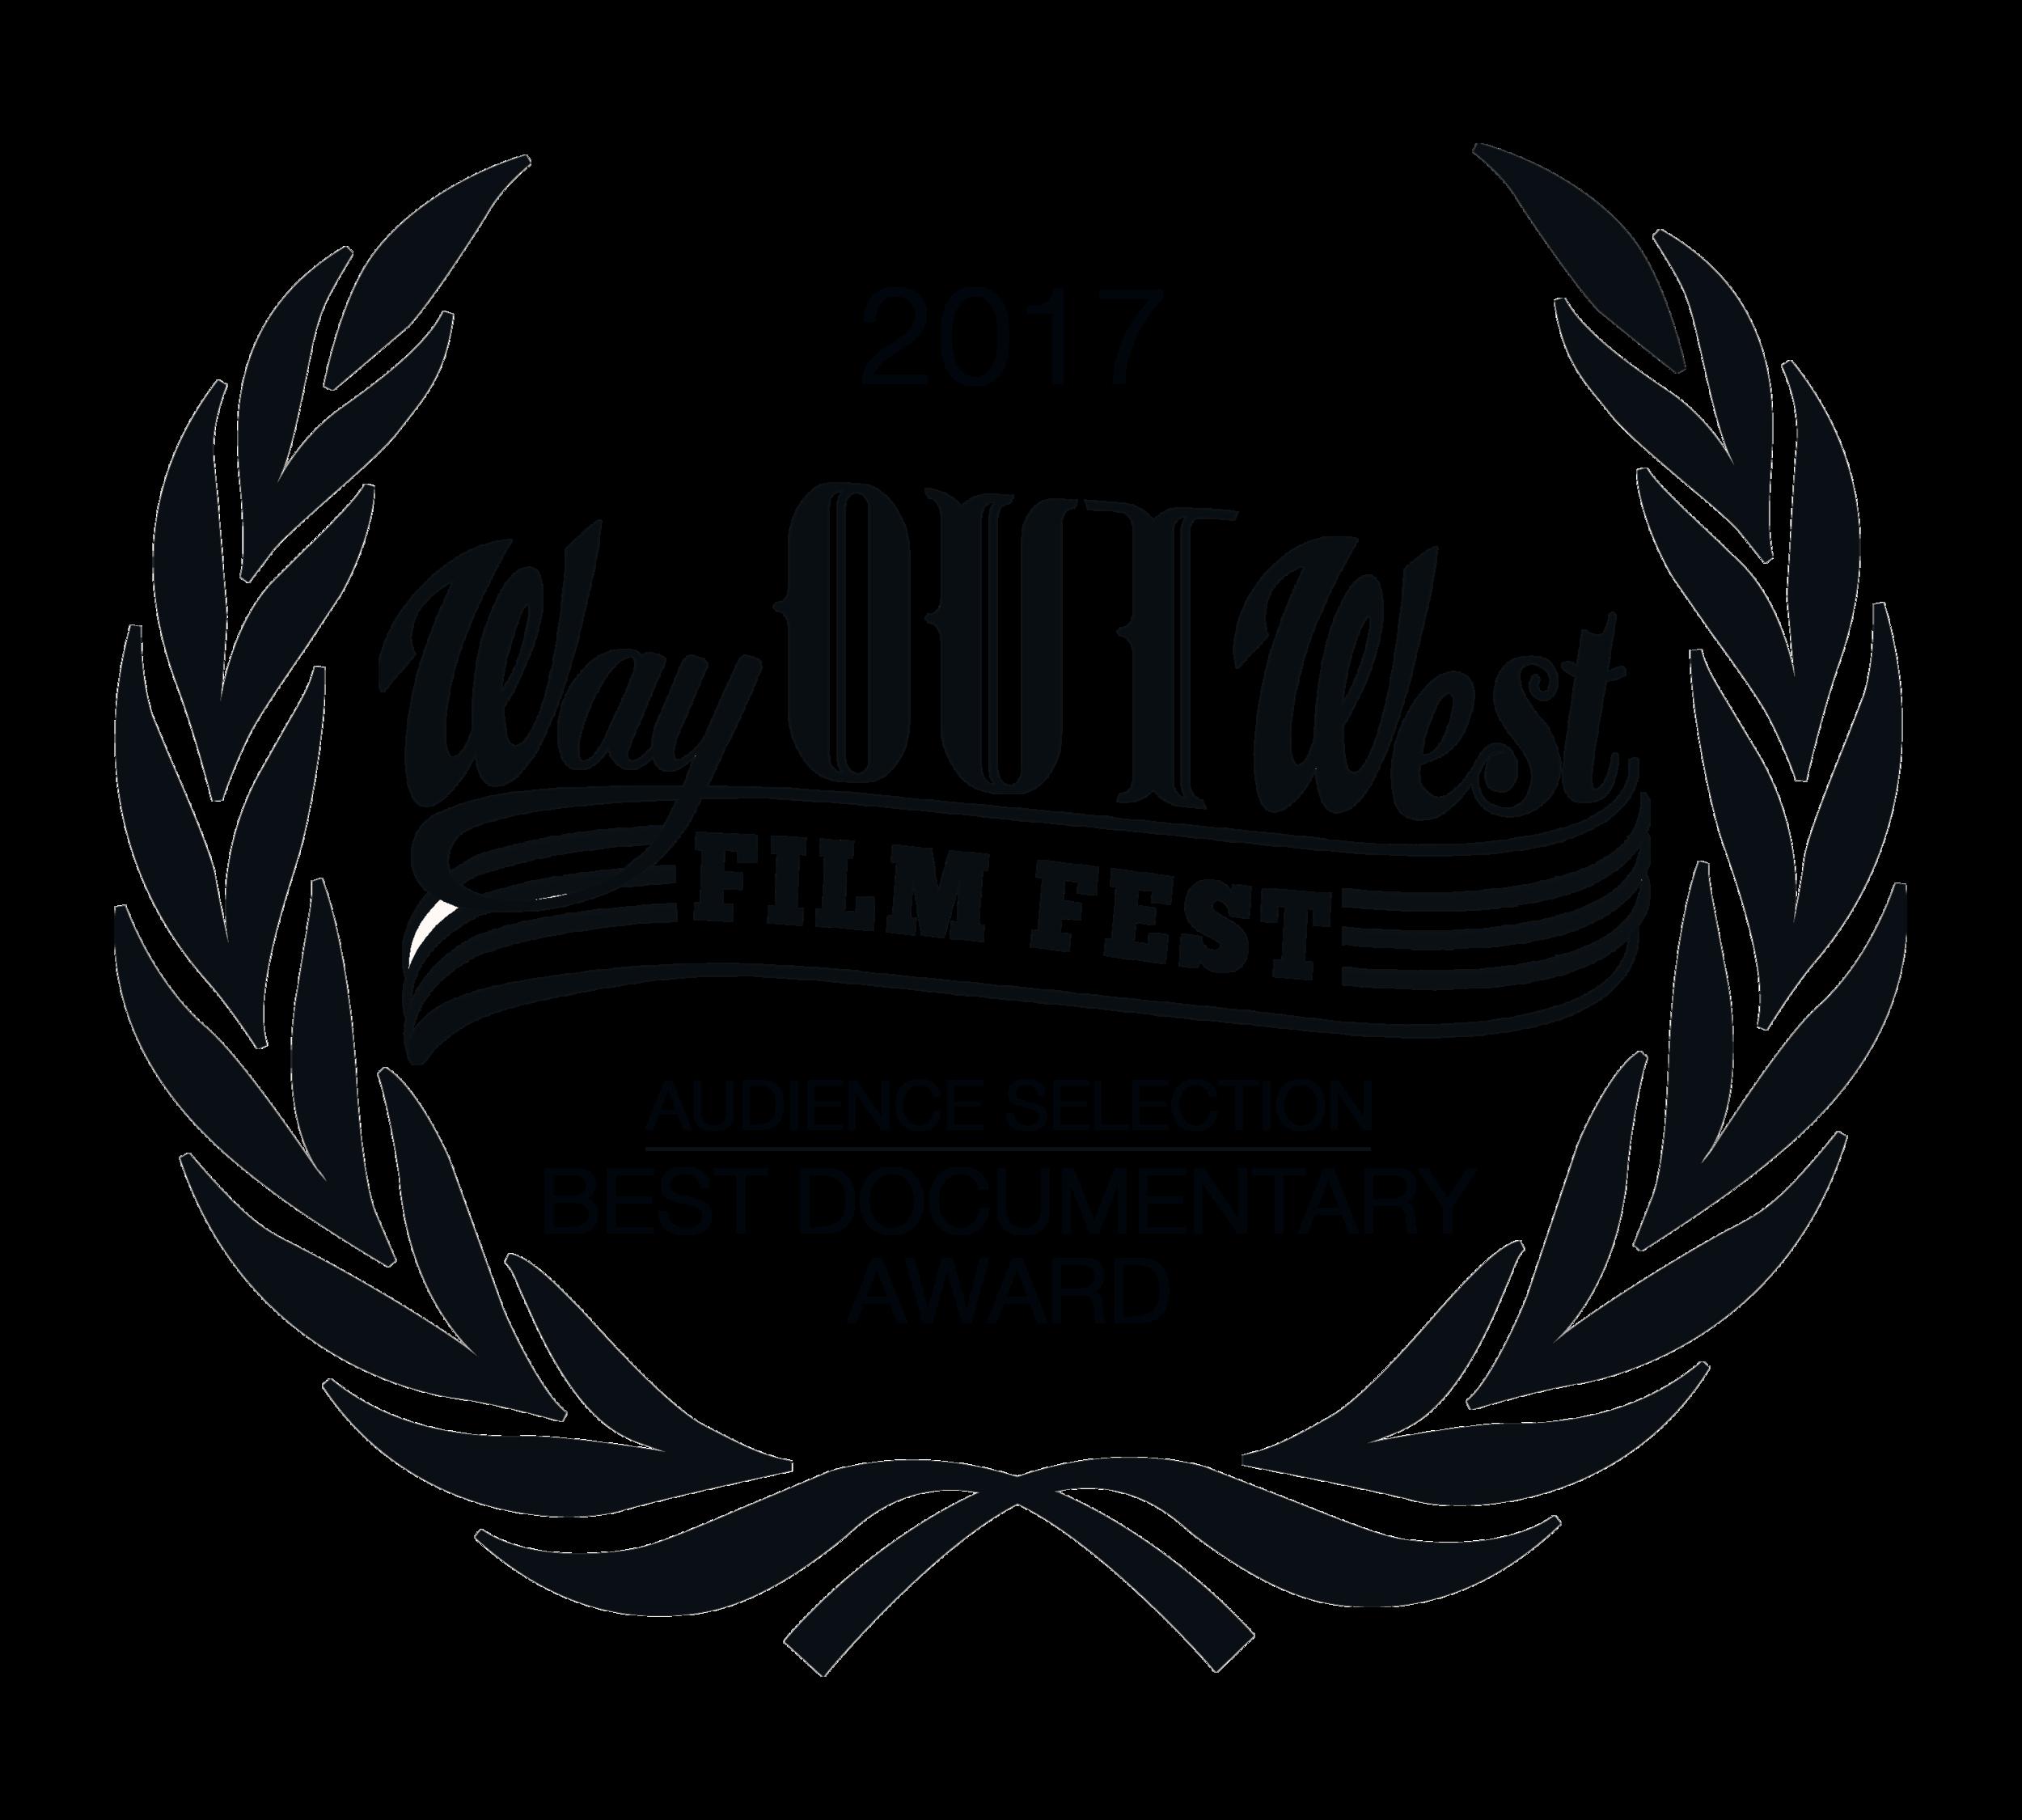 Way Out West Film Fest laurel 1.png